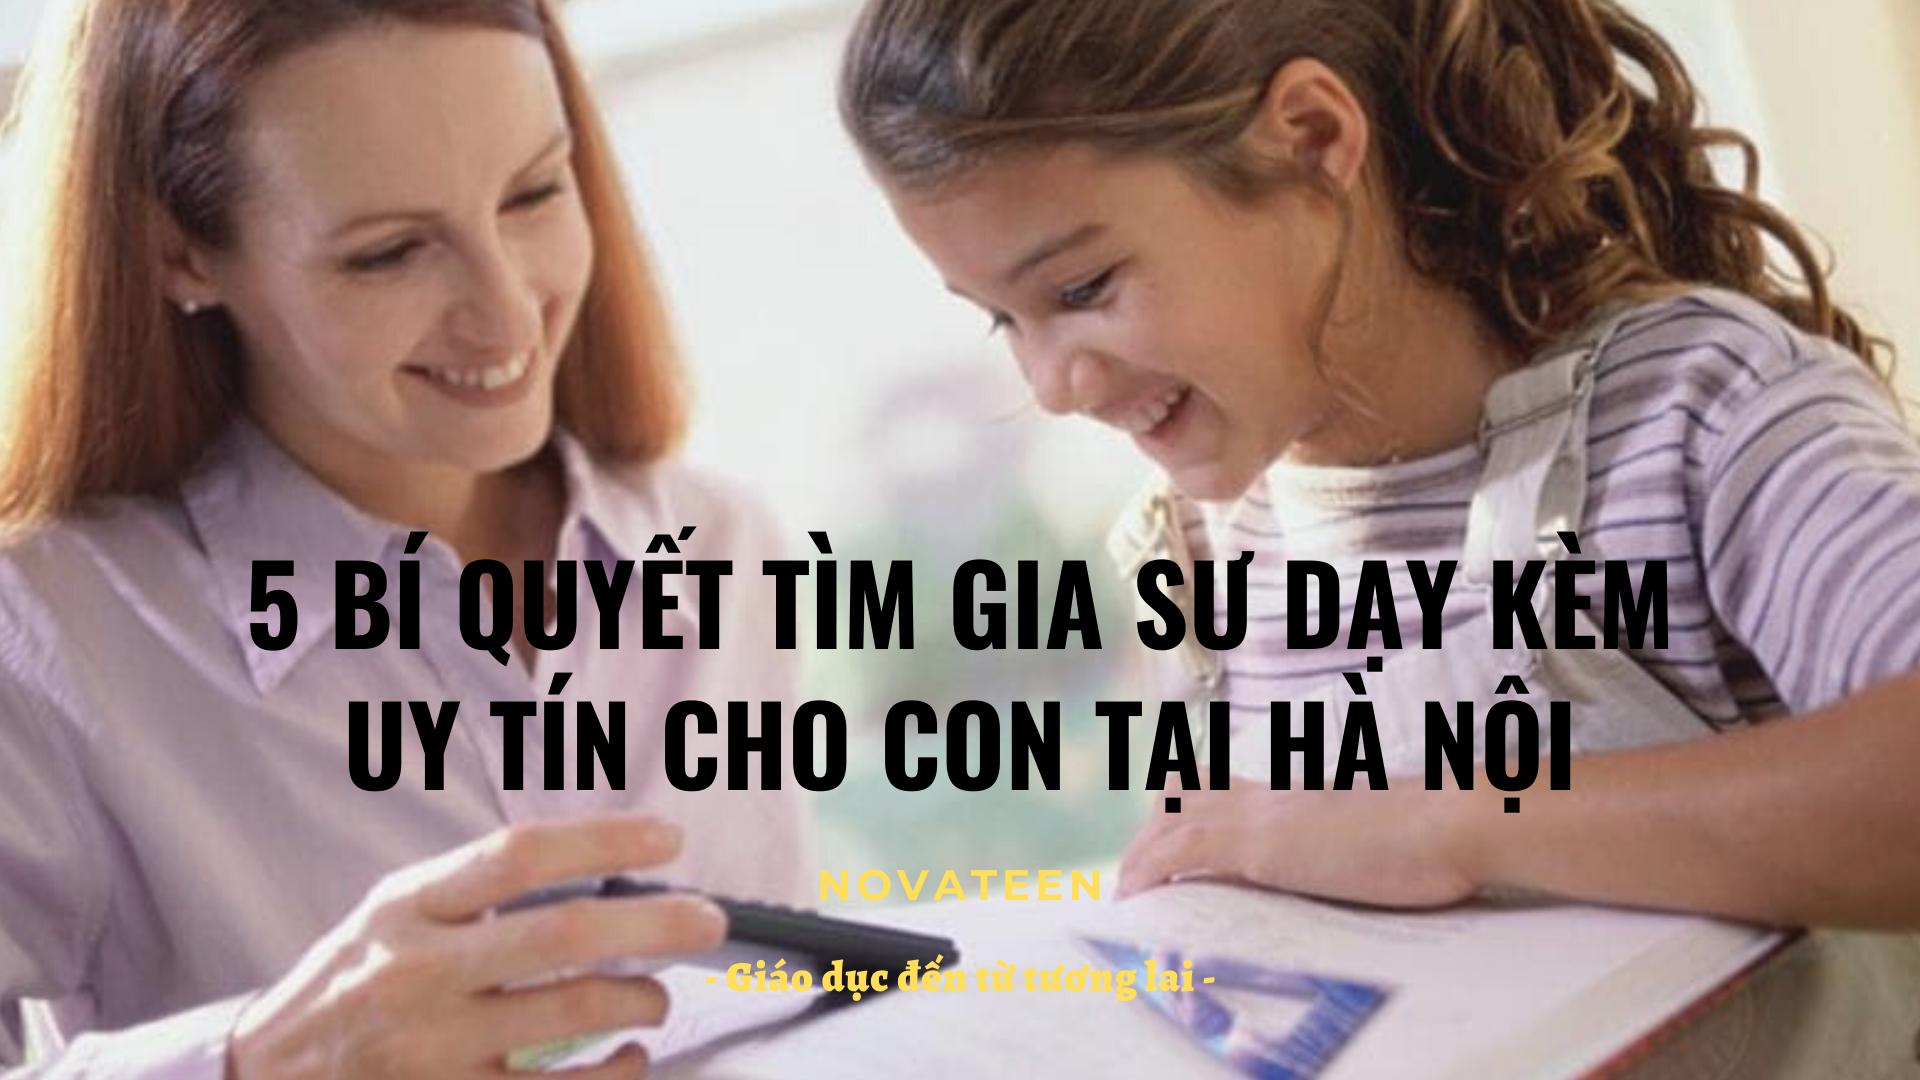 Bí quyết tìm gia sư dạy kèm uy tín cho con tại Hà Nội